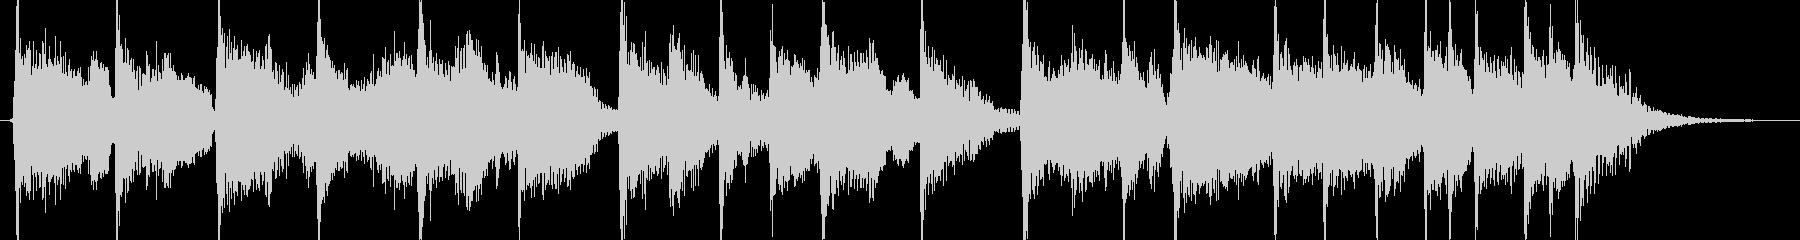 ブルースハープが特徴的なジングルの未再生の波形